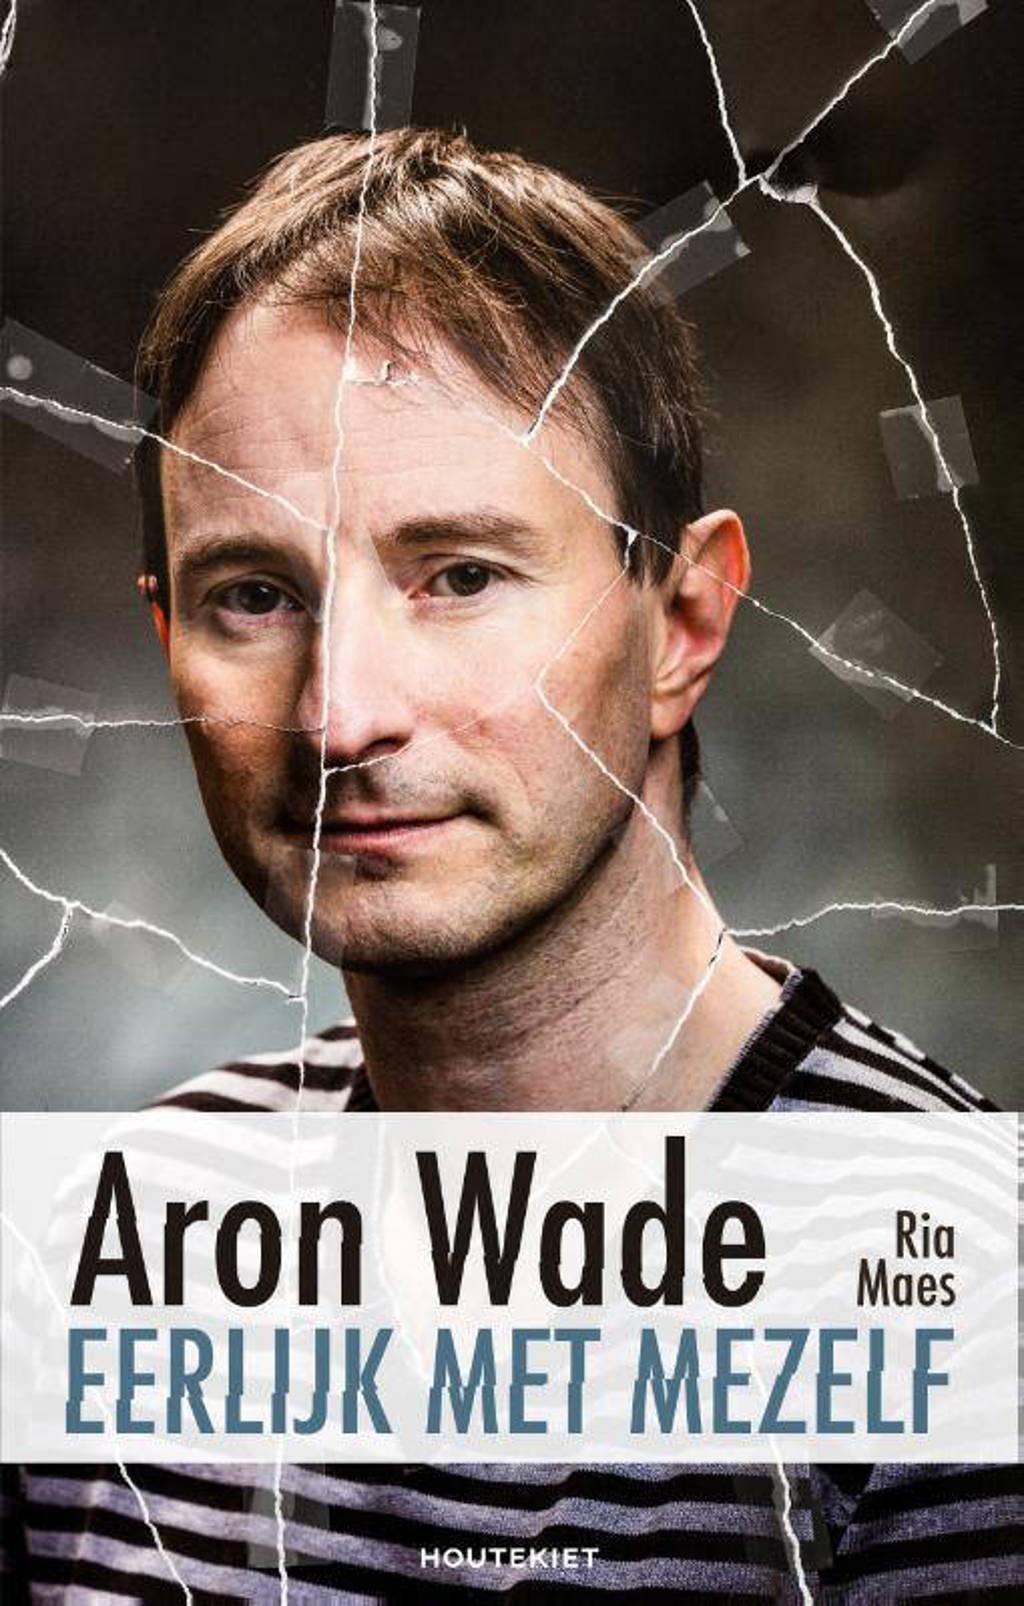 Eerlijk met mezelf - Aron Wade en Ria Maes